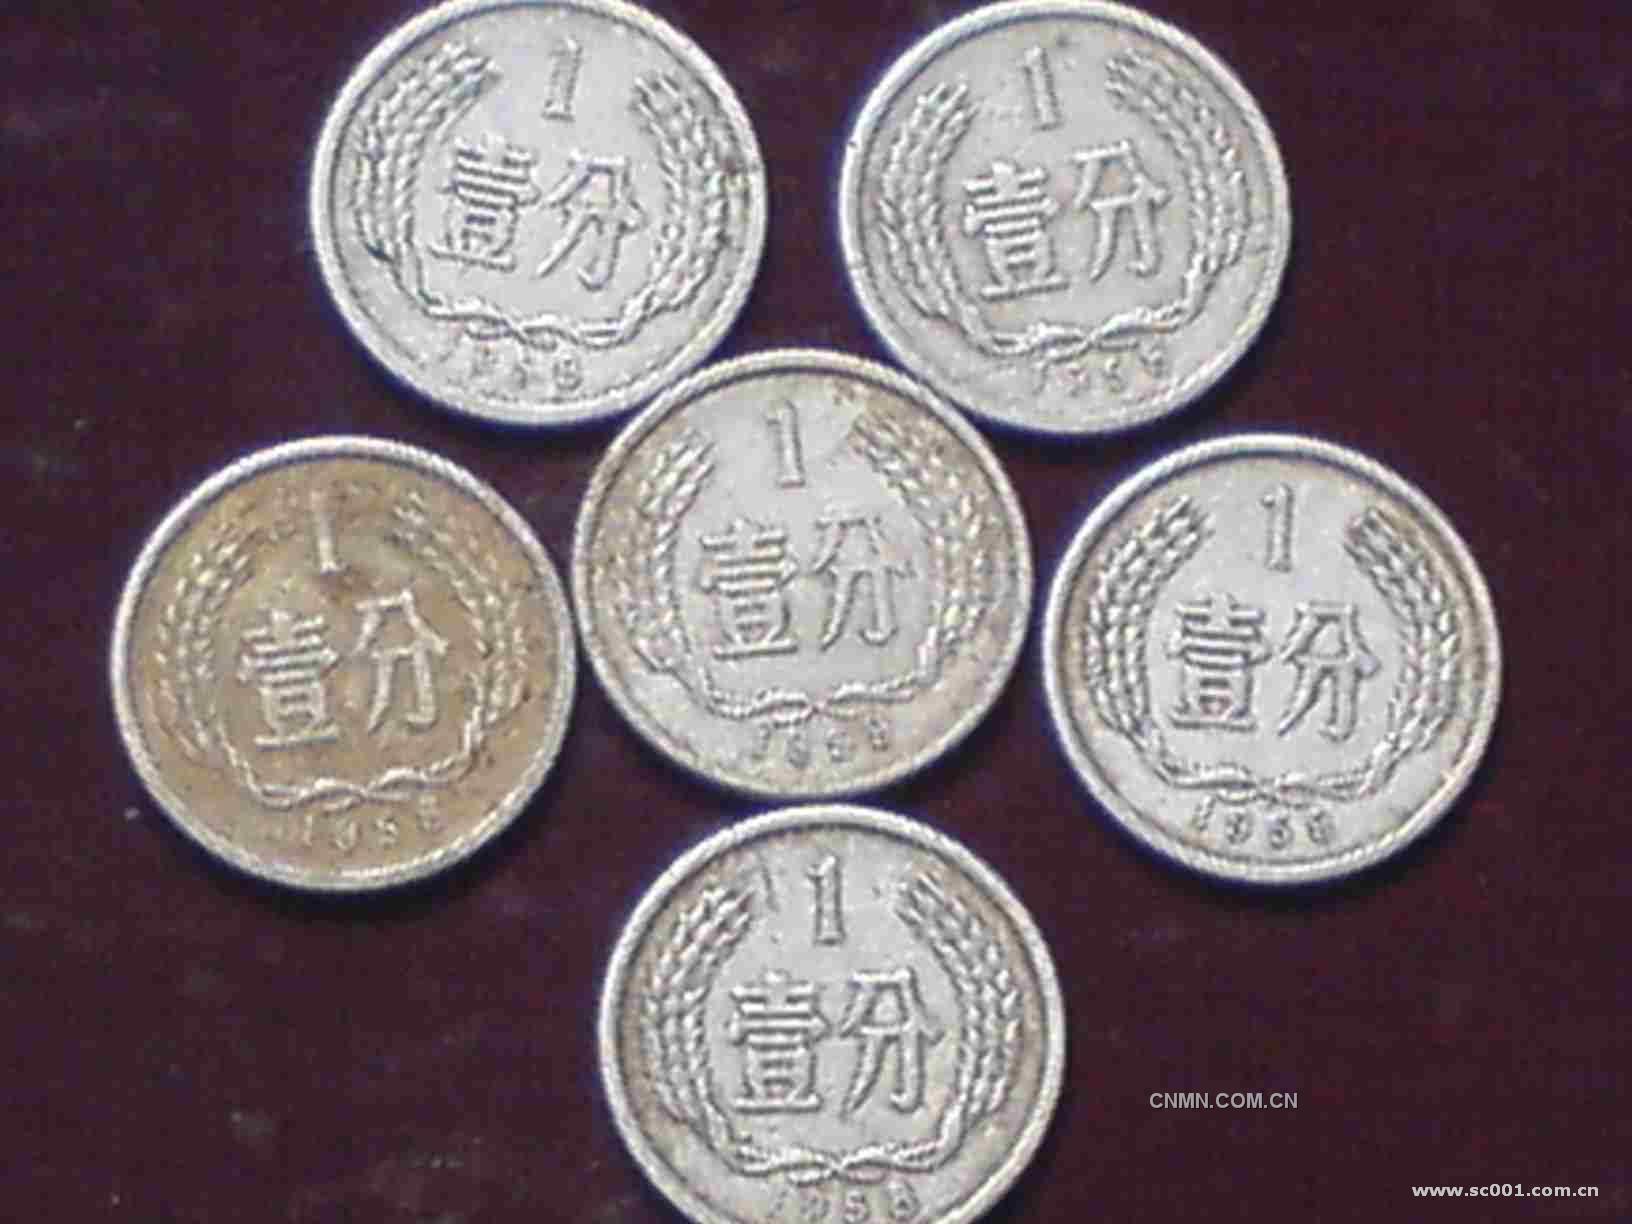 分币价直线涨 部分硬币市场价几千元-金银器-中